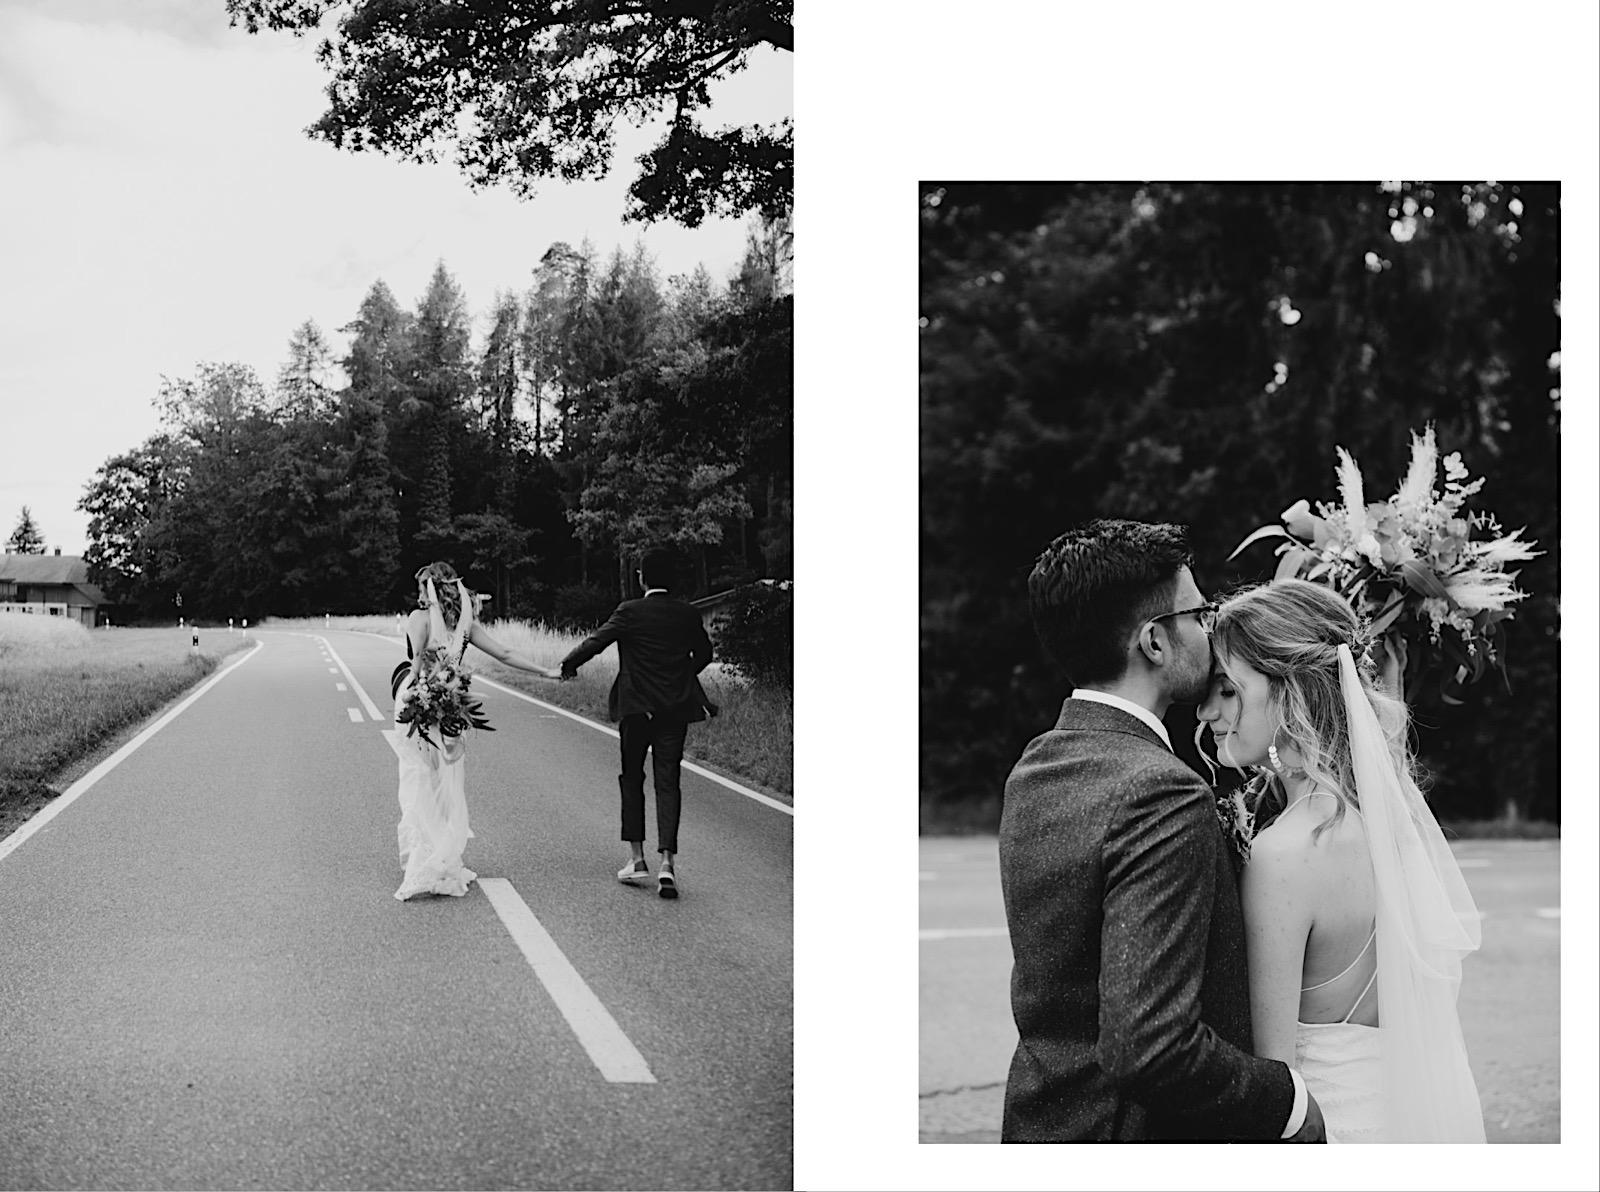 09_bohowedding_afterweddingshoot_elopement_switzerland (19 von 55)_bohowedding_afterweddingshoot_elopement_switzerland (22 von 55).jpg